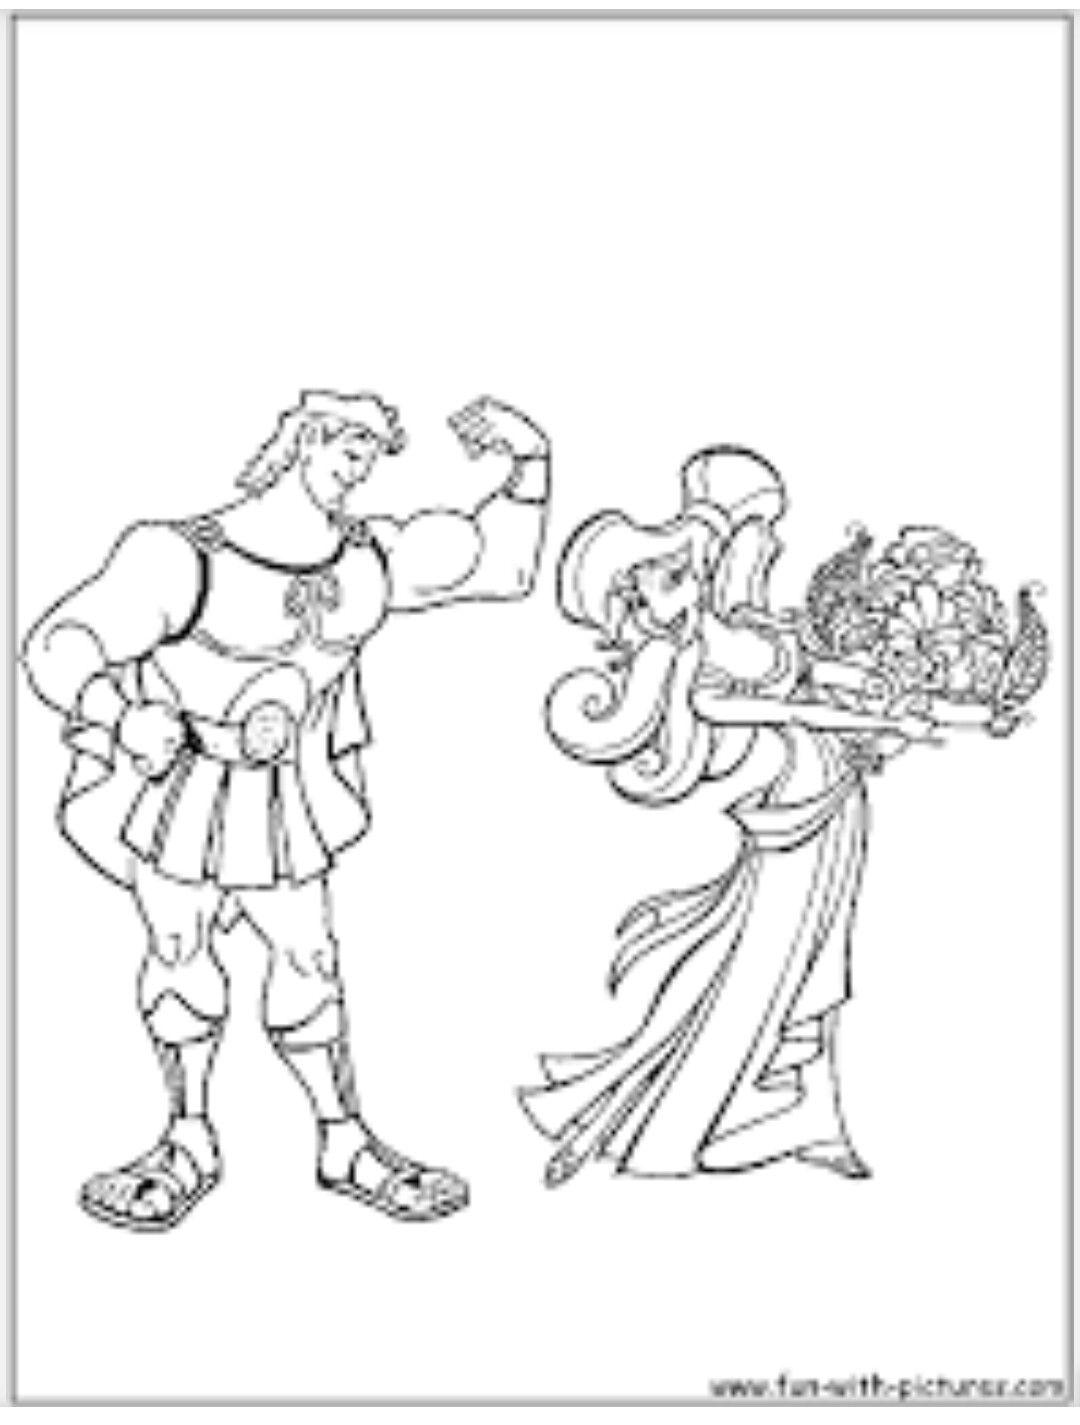 Hercules And Meg Coloring Sheet Disney Coloring Pages Coloring Pages Love Coloring Pages